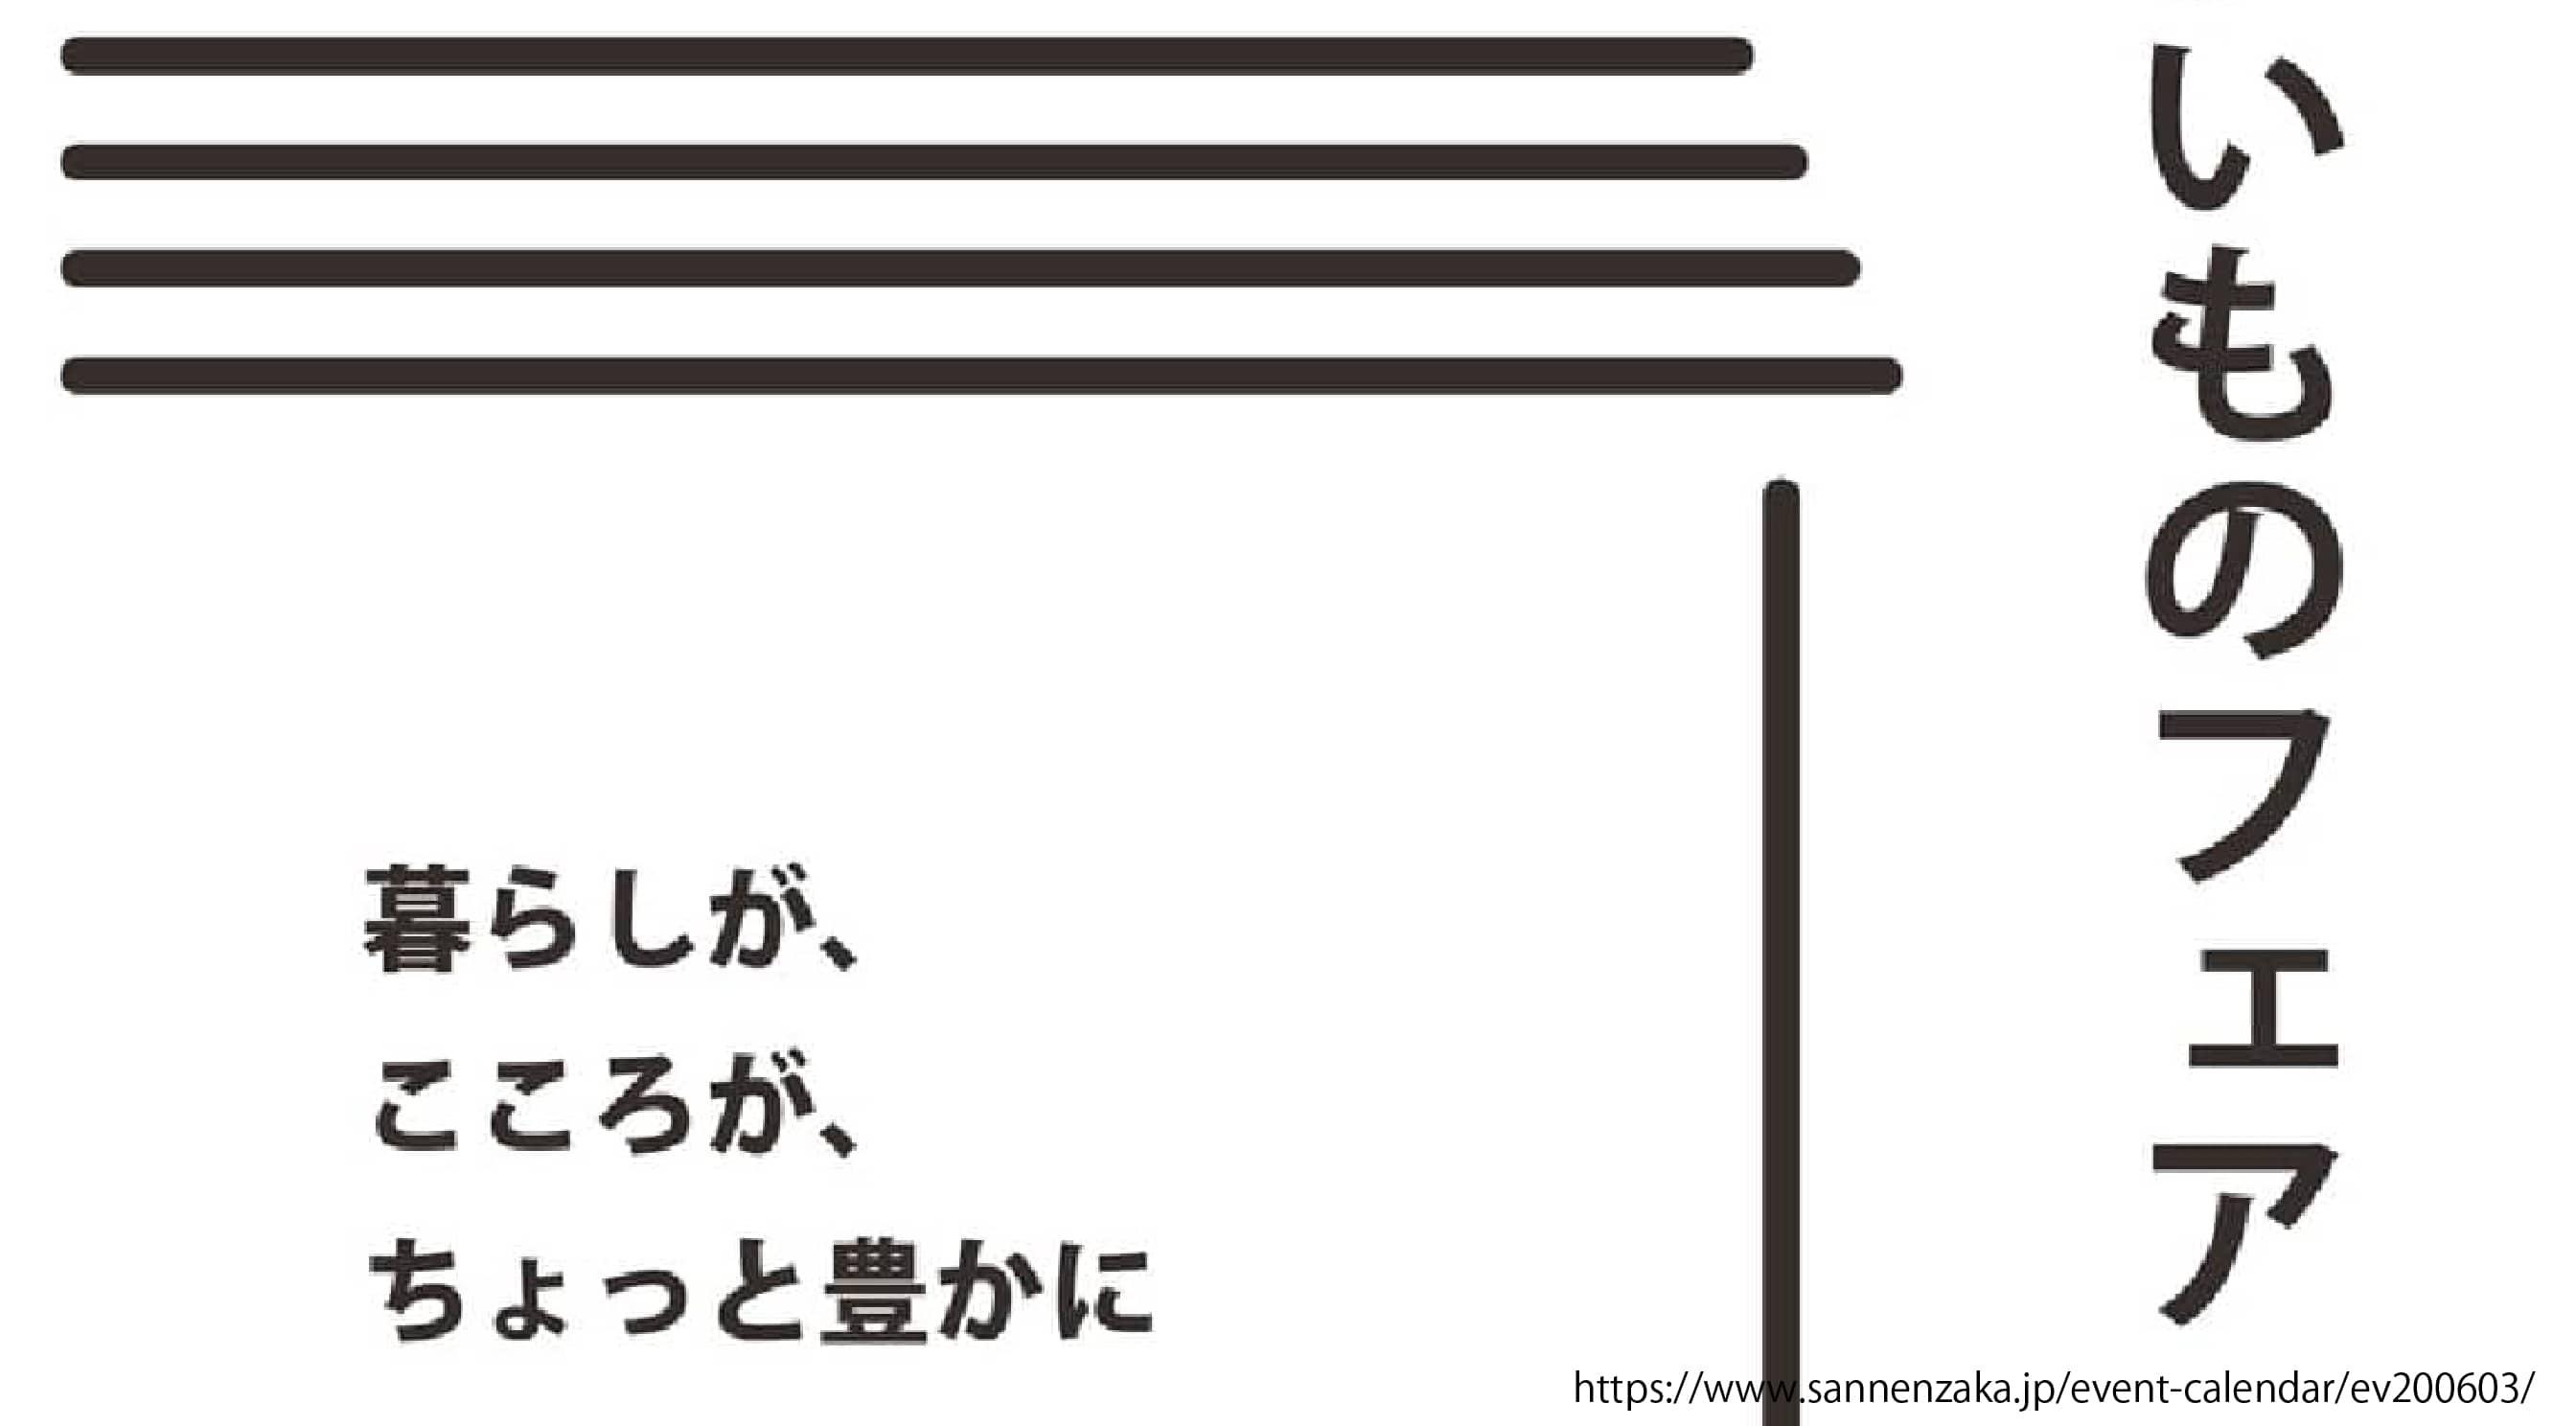 暮らしに良いものフェア in 蔦屋書店 熊本三年坂